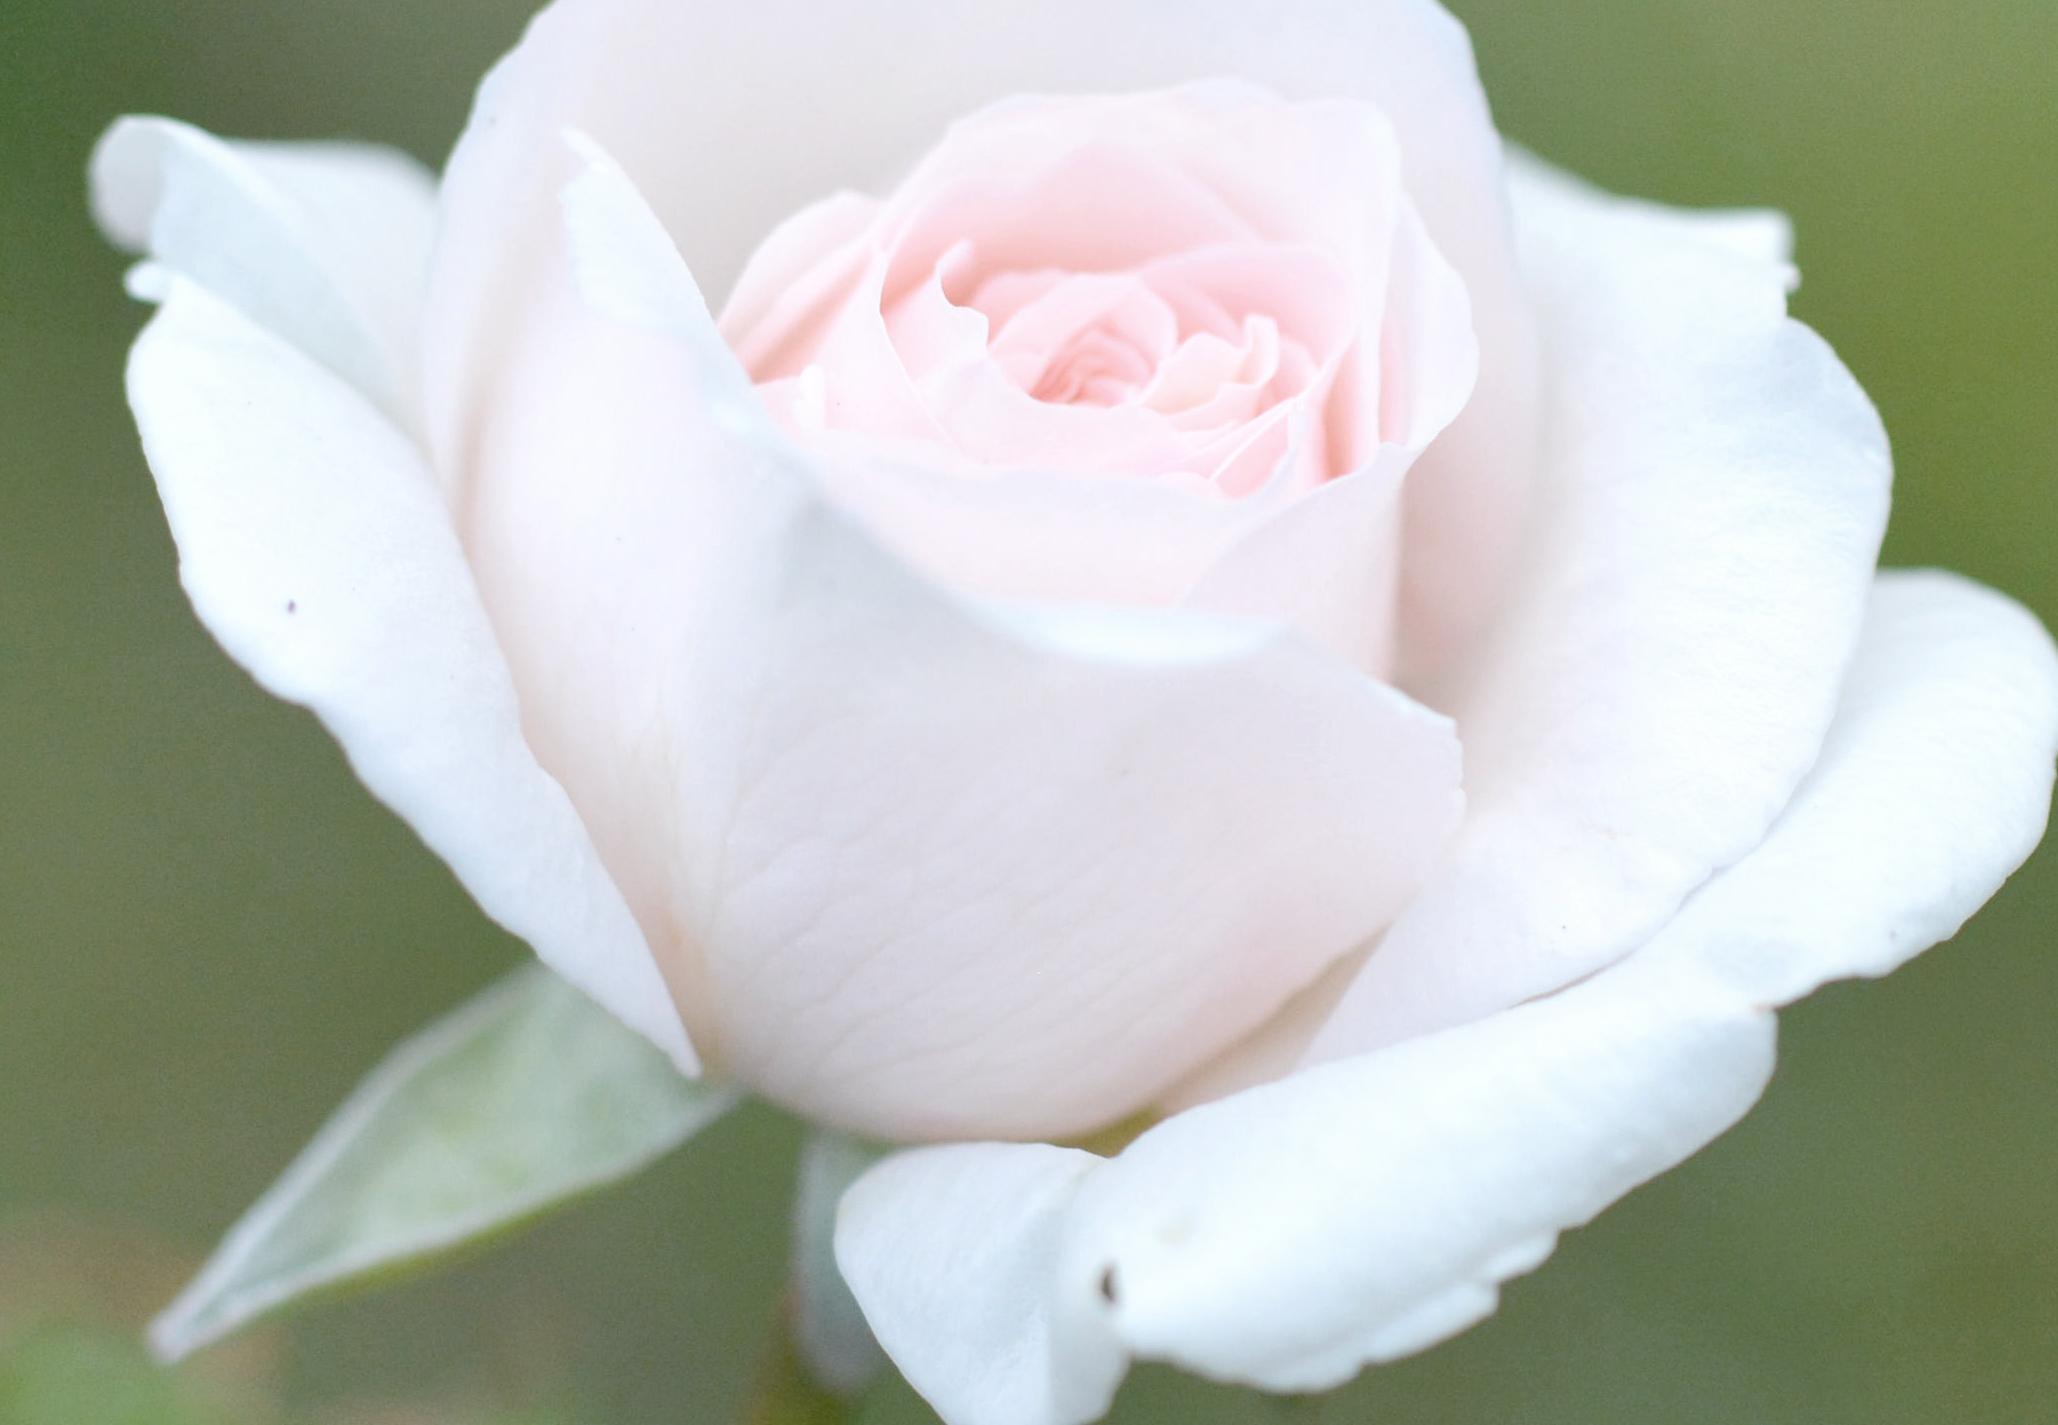 母の日ギフト。お母さんの胸元に白いバラを贈りませんか?〜いつまでも美しい白磁のブローチ〜